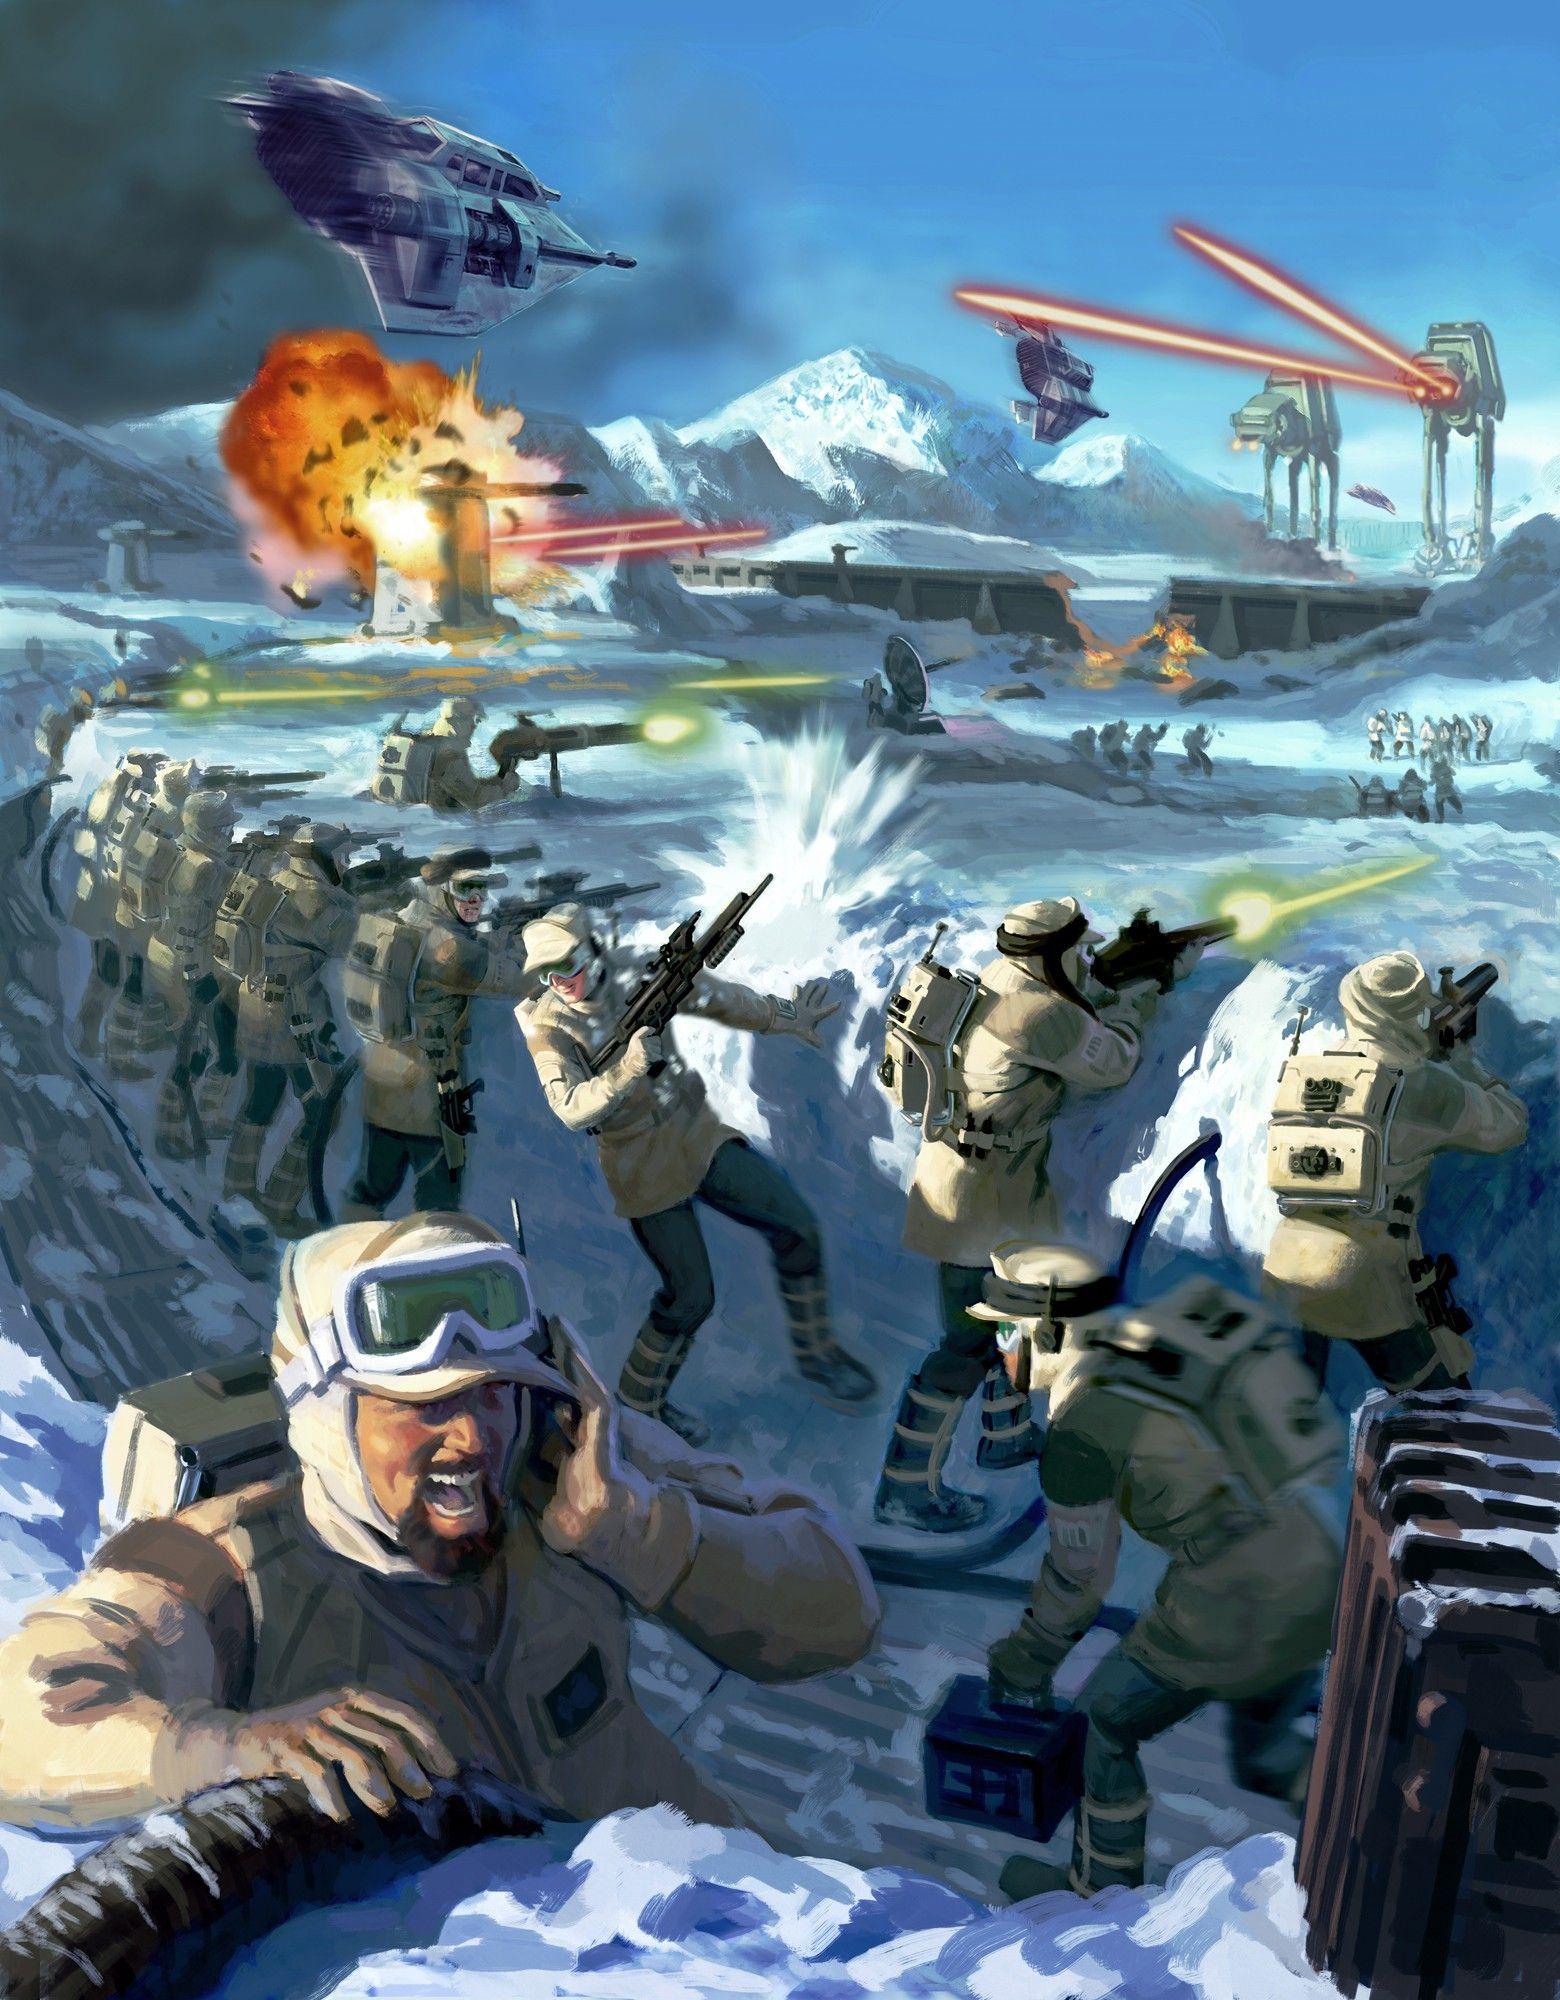 Hoth Battle Star Wars Artwork Star Wars Pictures Star Wars Wallpaper